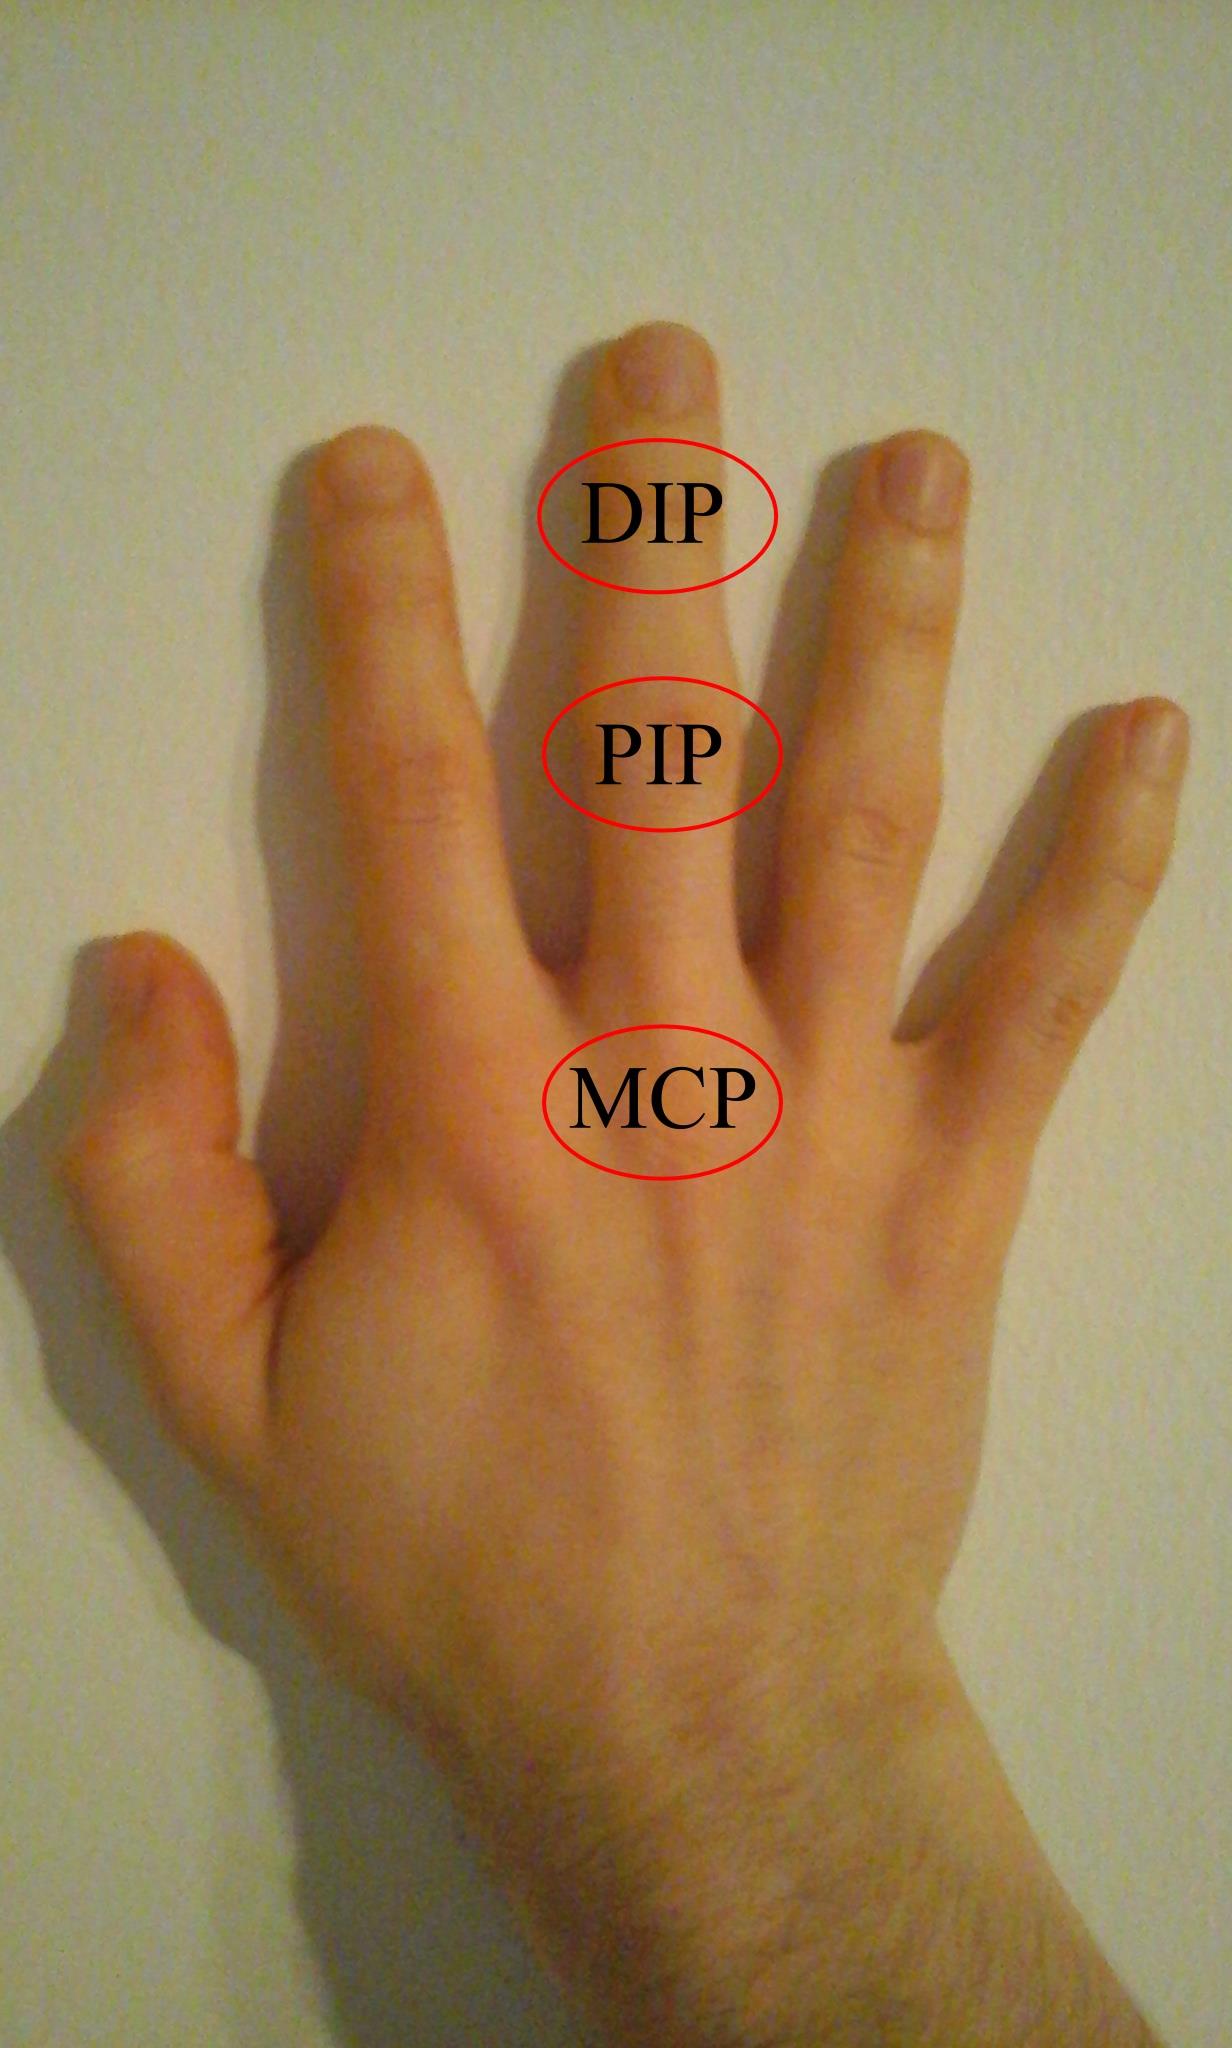 mi a teendő, ha a kéz izületi gyulladása van